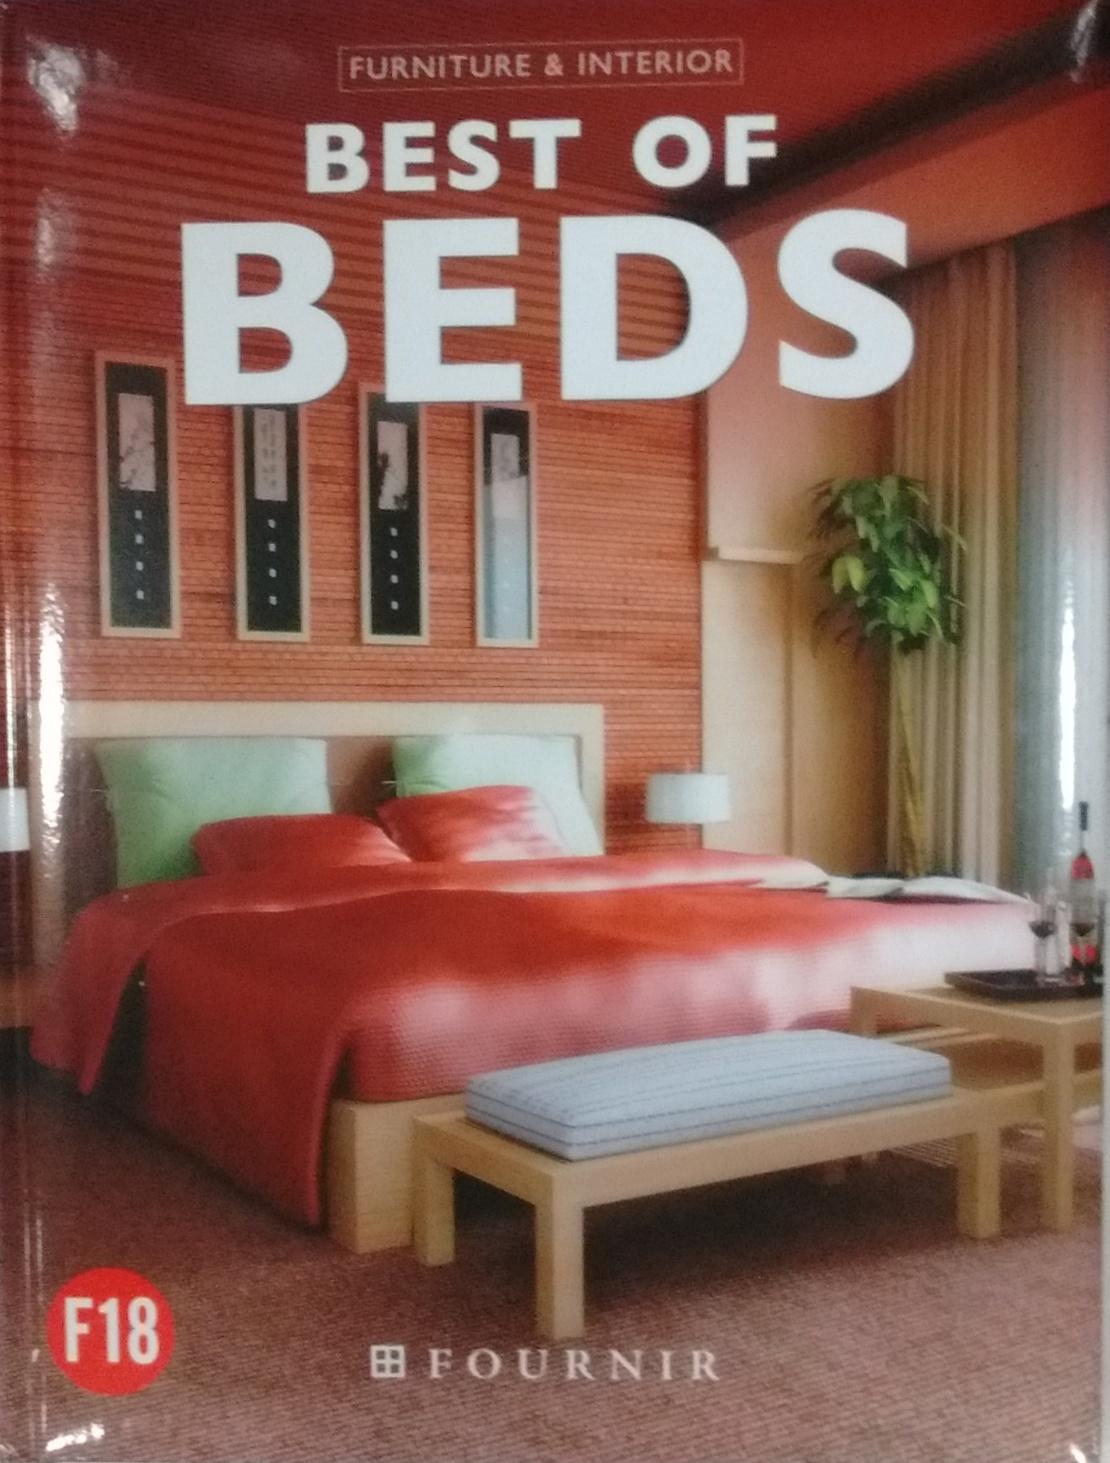 Best of Beds (Fournir)